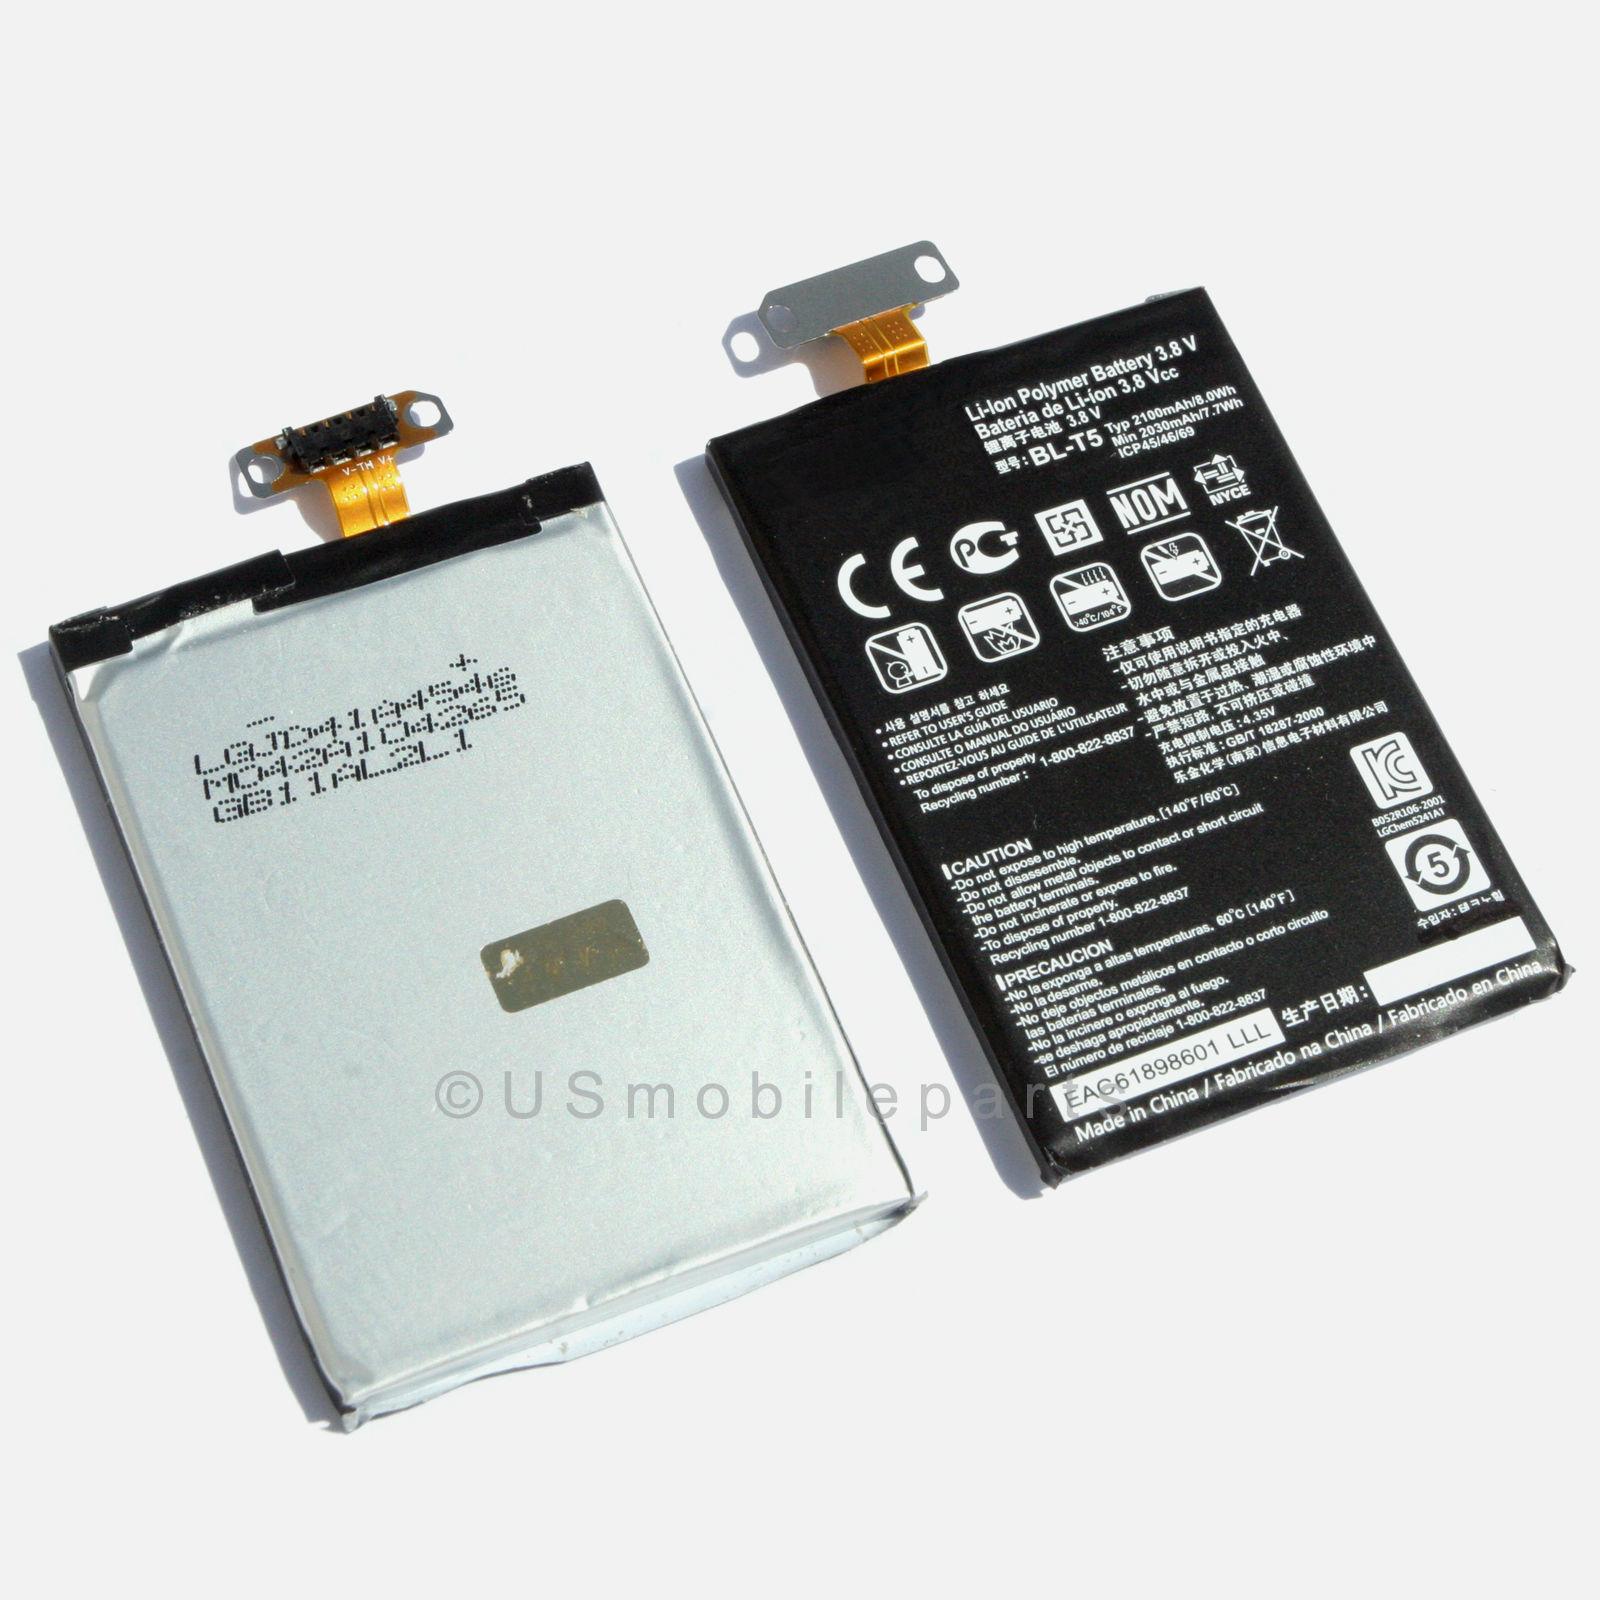 New OEM BL-T5 Battery part for LG Nexus 4 E960